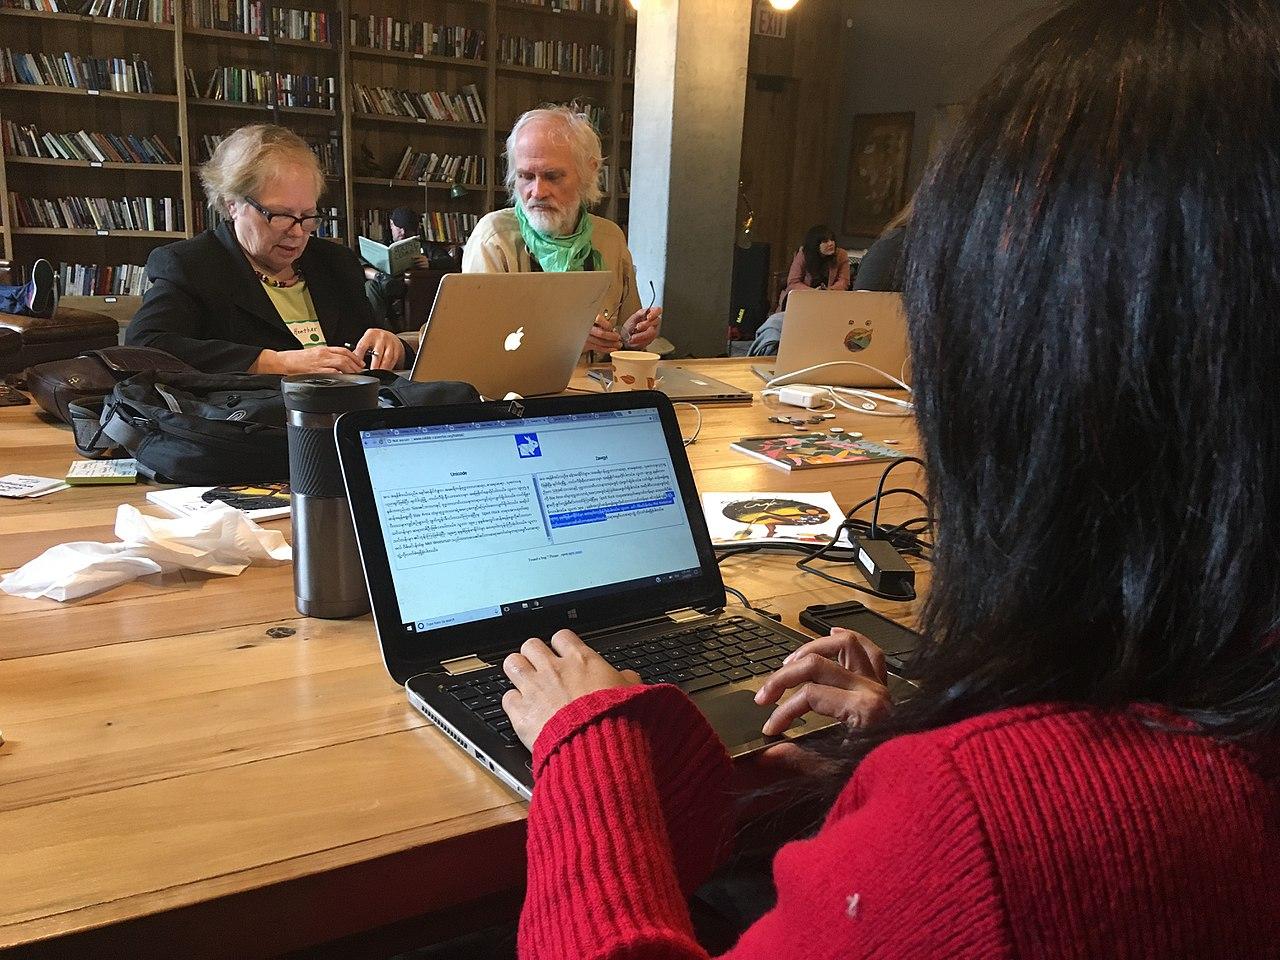 Auf dem Bild sind Personen beim Übersetzen von Texten zu sehen, am Computer